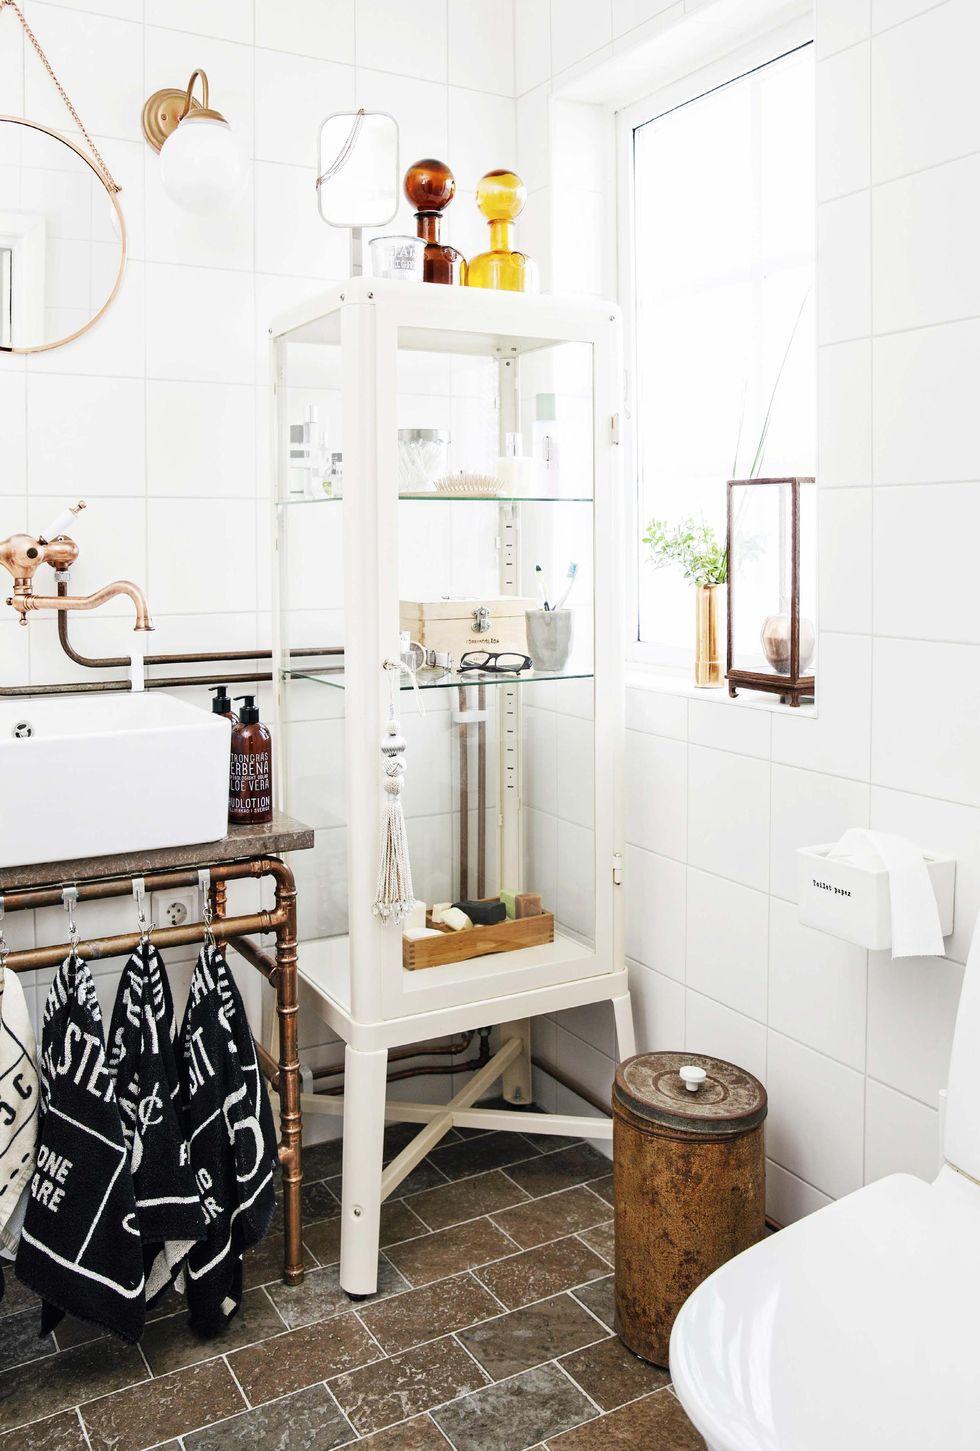 SÃ¥ här skapar du ett lyxigt badrum med koppardetaljer – hus & hem